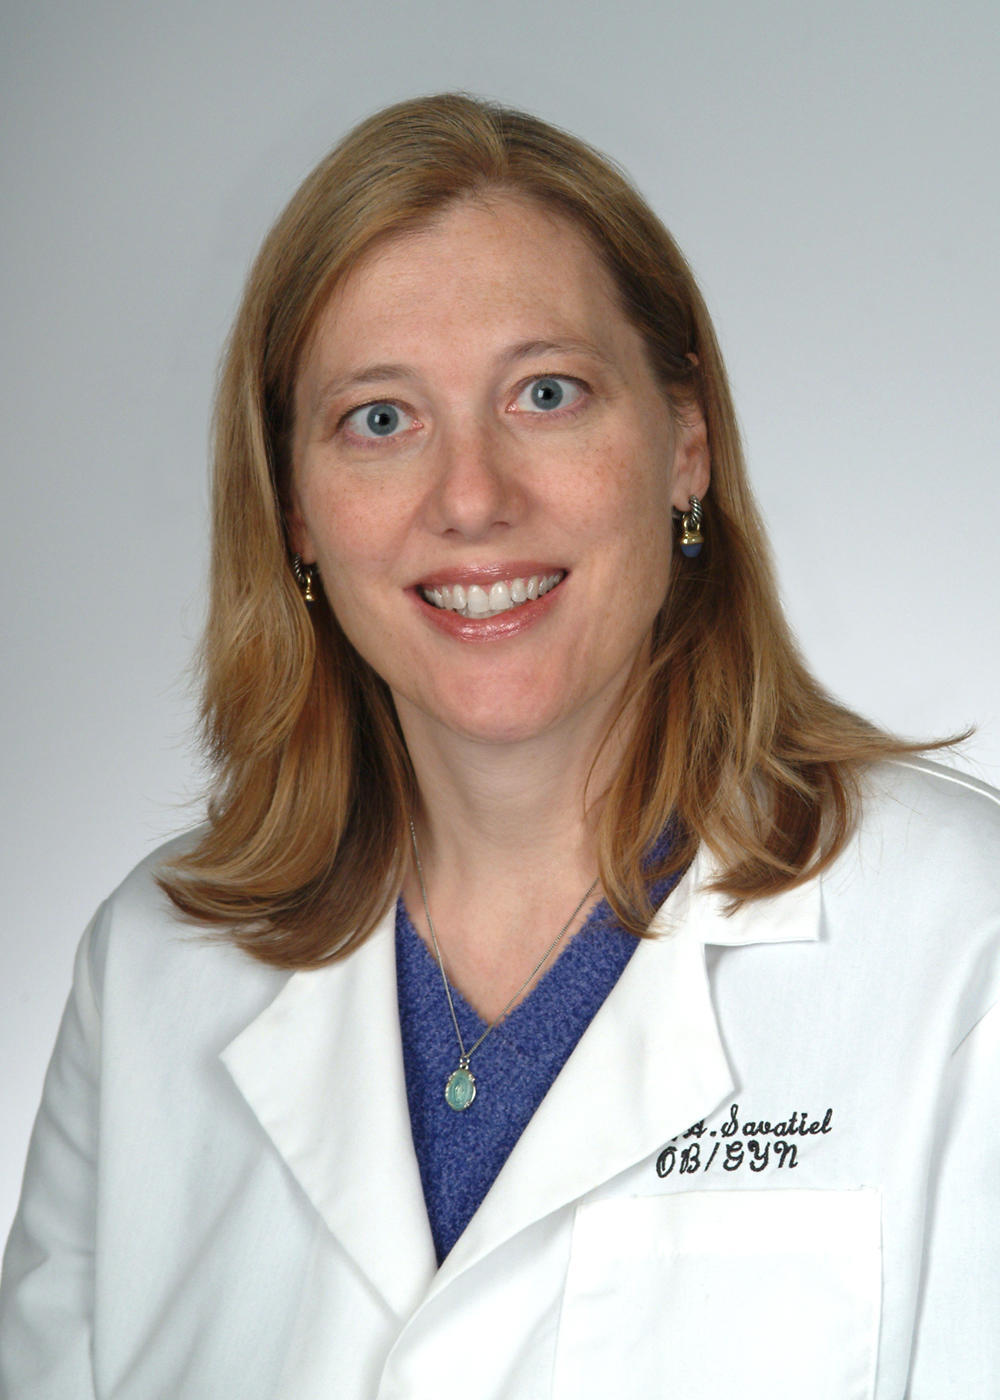 Angela M Savatiel MD